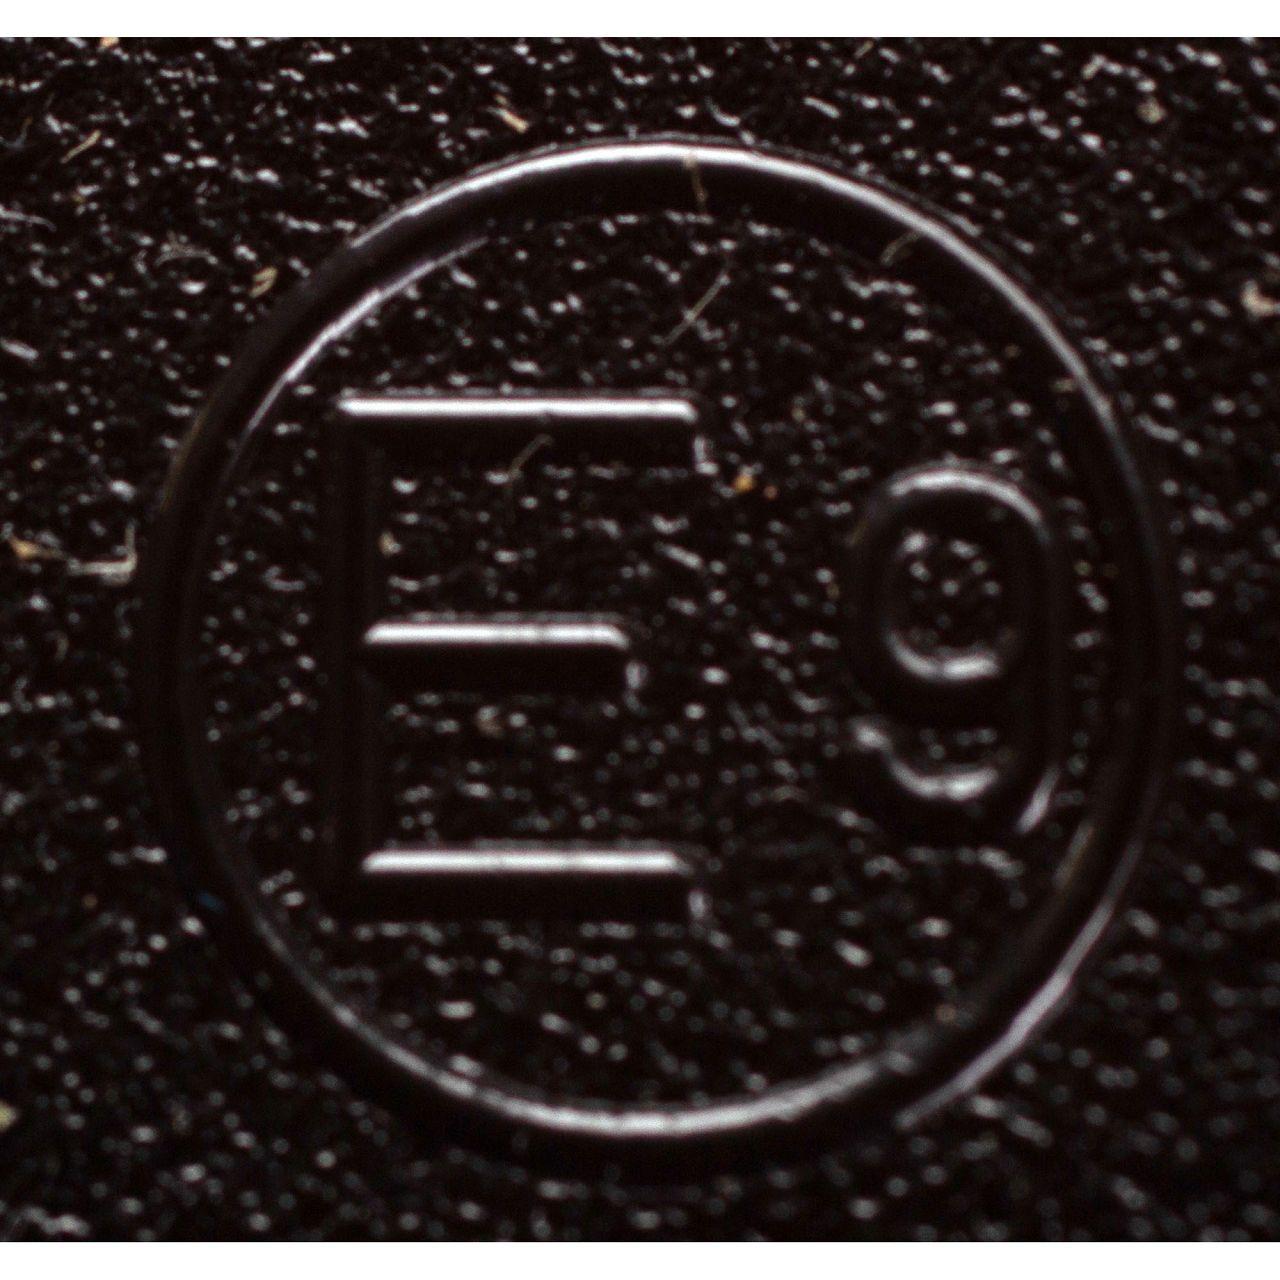 MAGNETI MARELLI Heckleuchte Rückleuchte für OPEL CORSA E + VAN aussen links